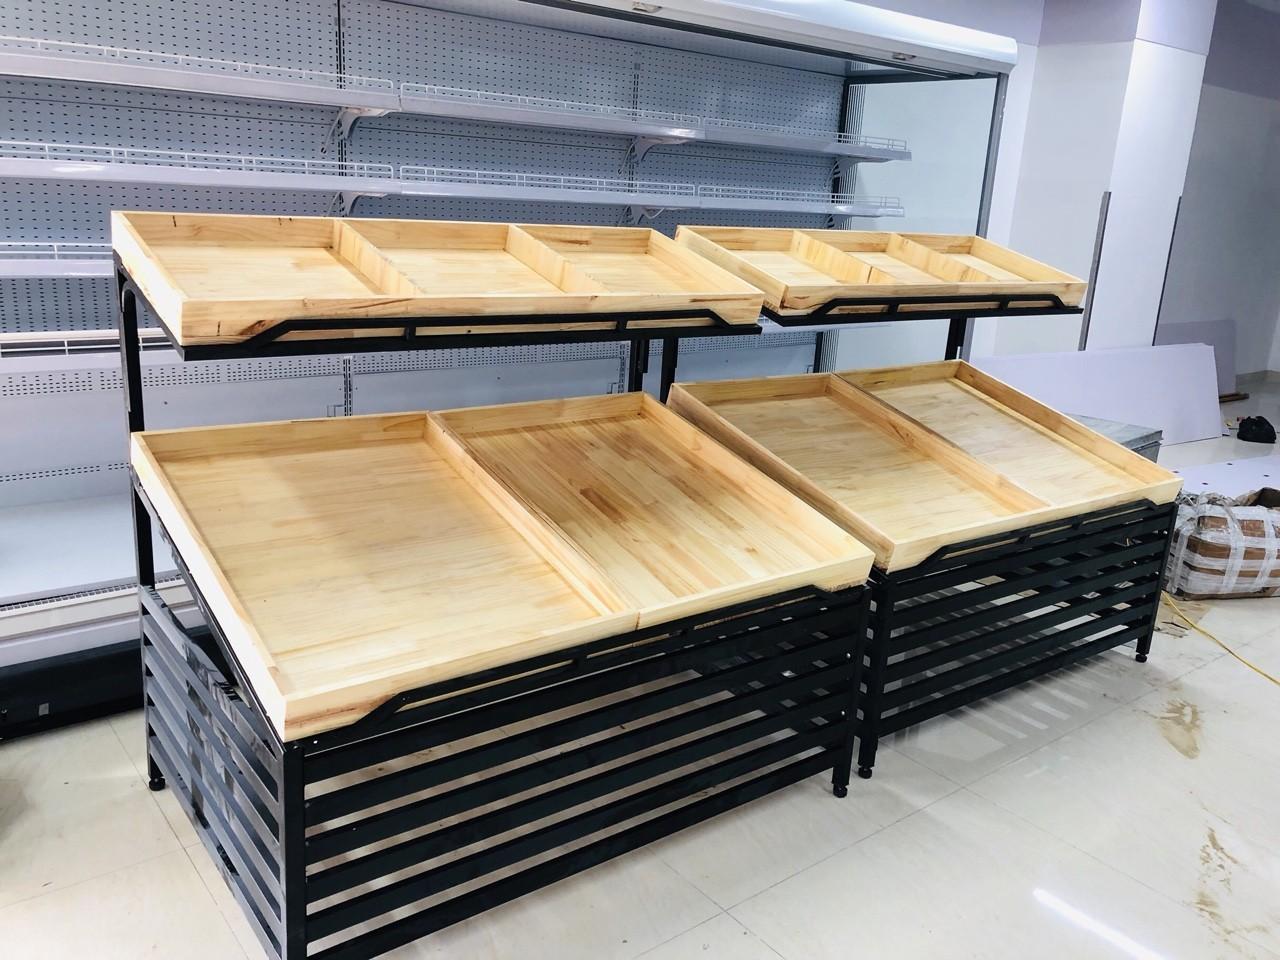 Kệ rau củ gỗ 2 tầng mâm